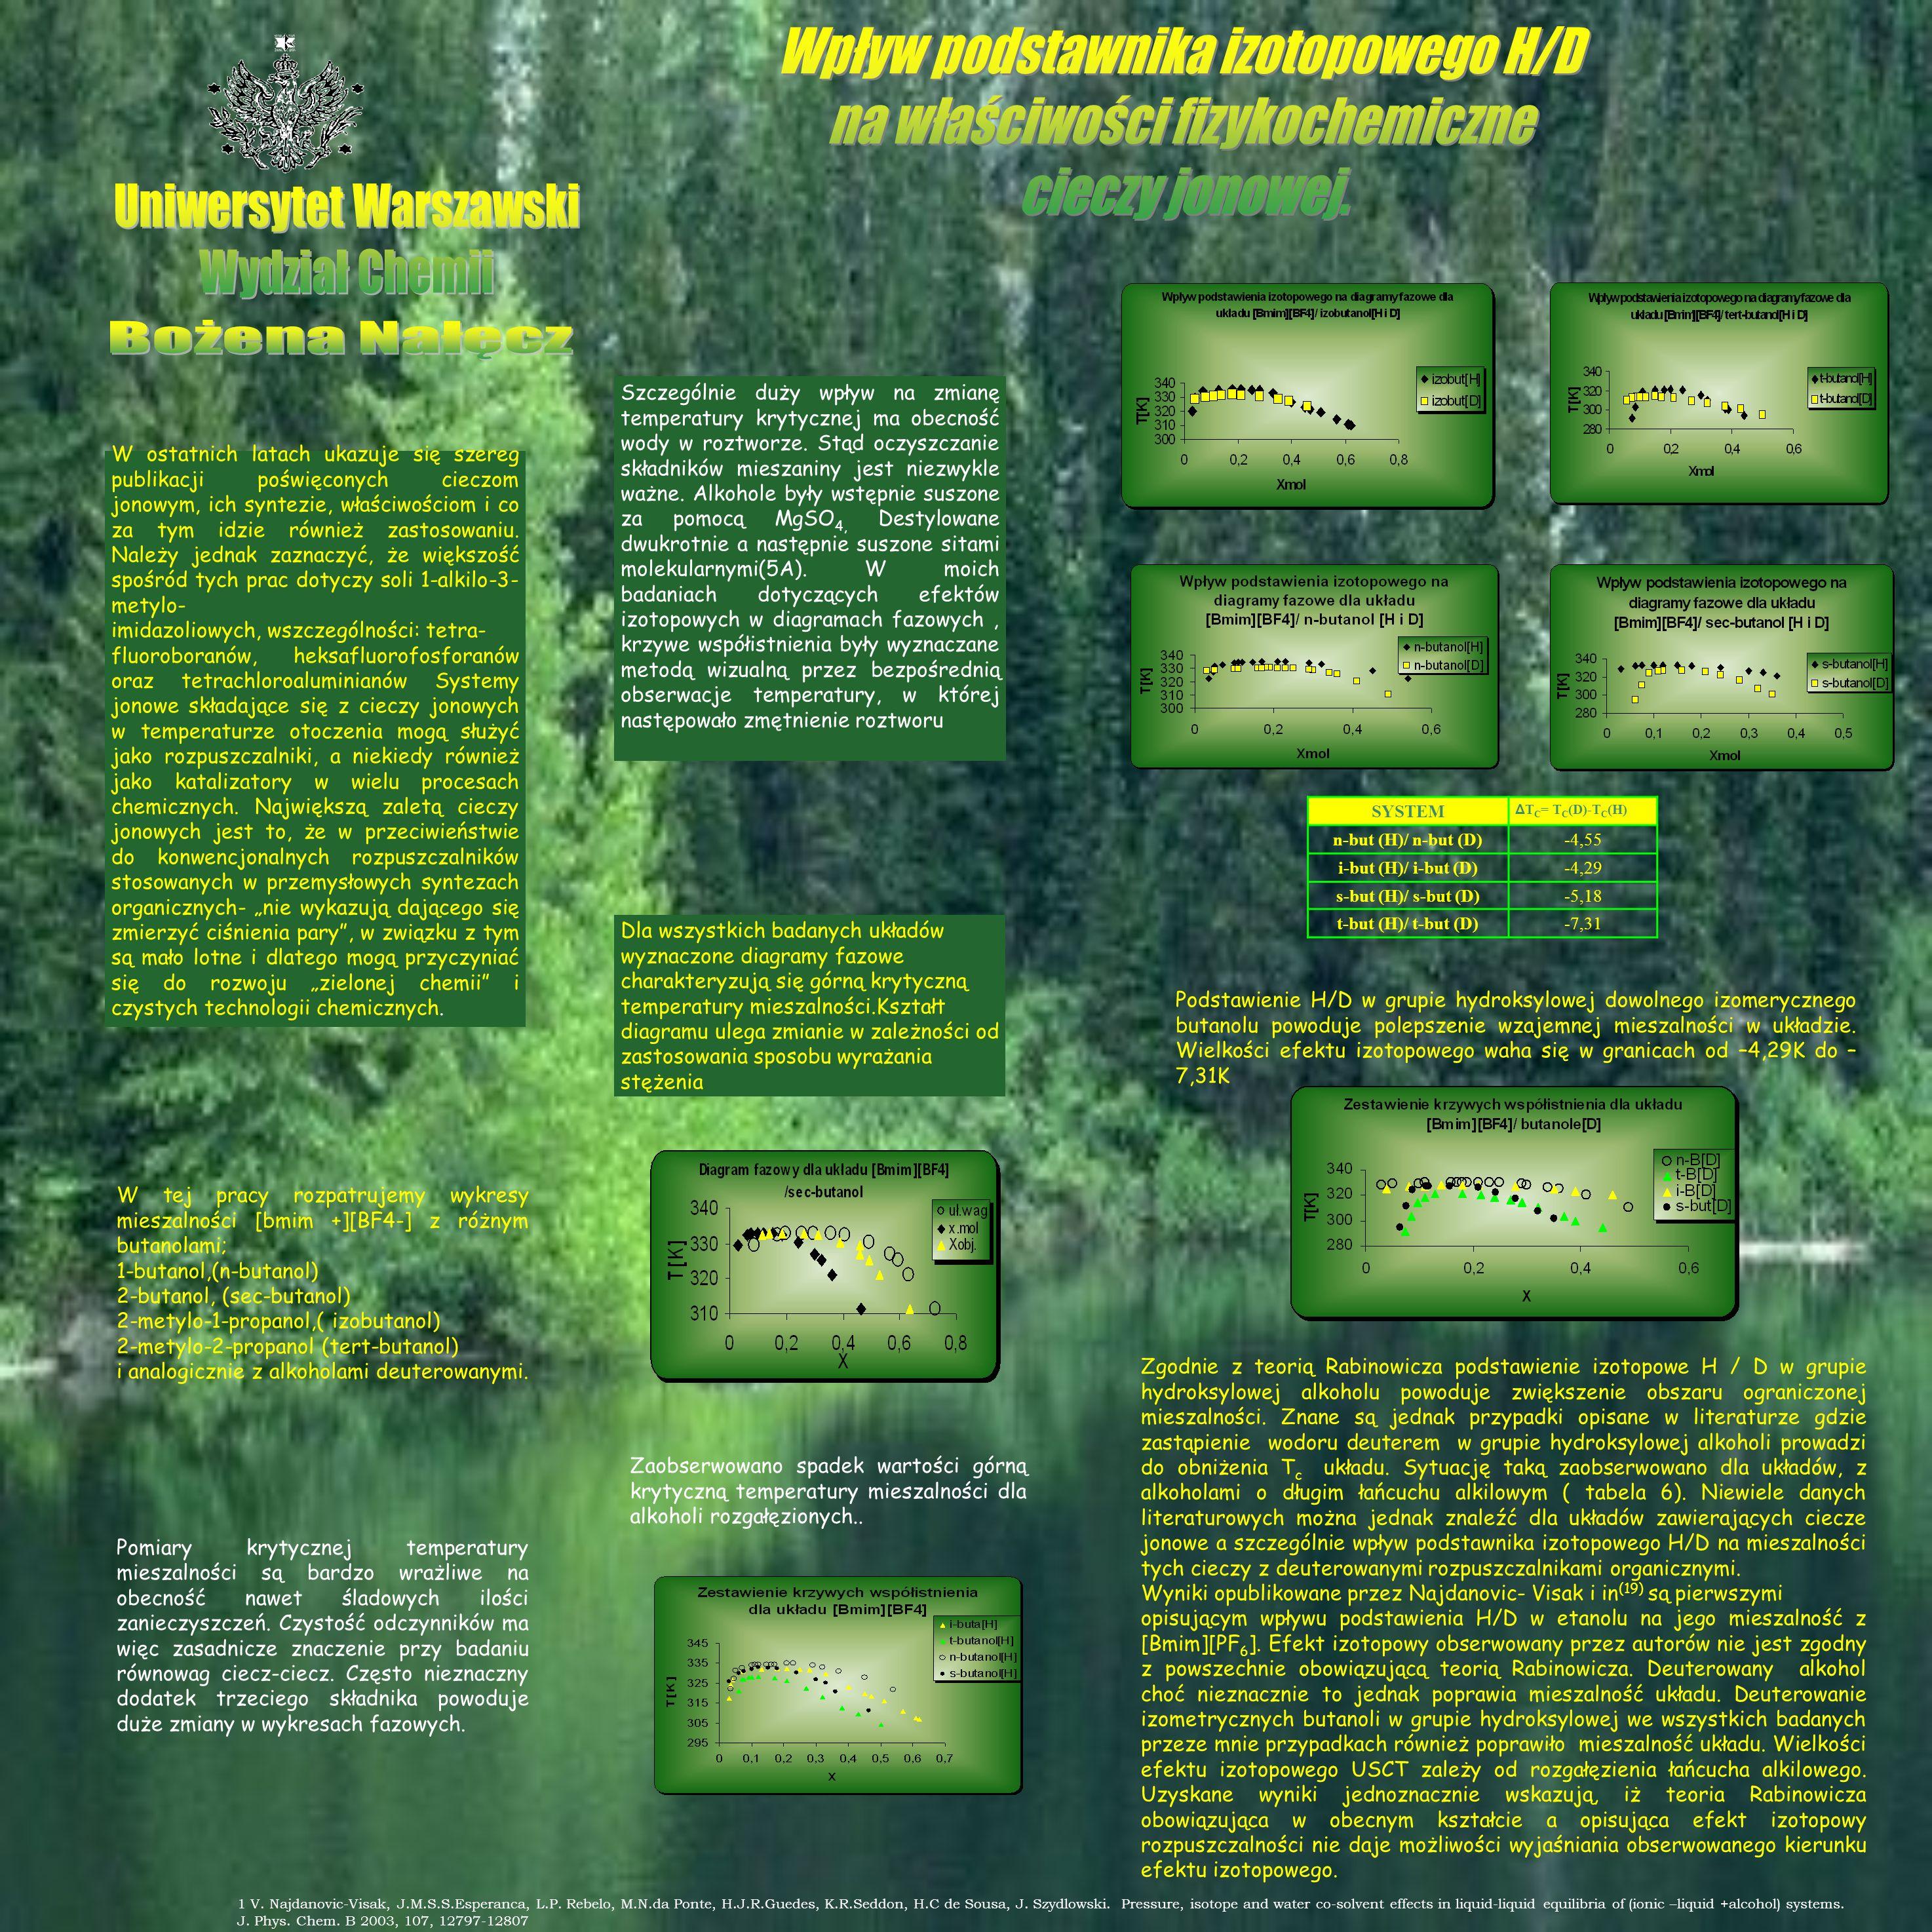 W ostatnich latach ukazuje się szereg publikacji poświęconych cieczom jonowym, ich syntezie, właściwościom i co za tym idzie również zastosowaniu.